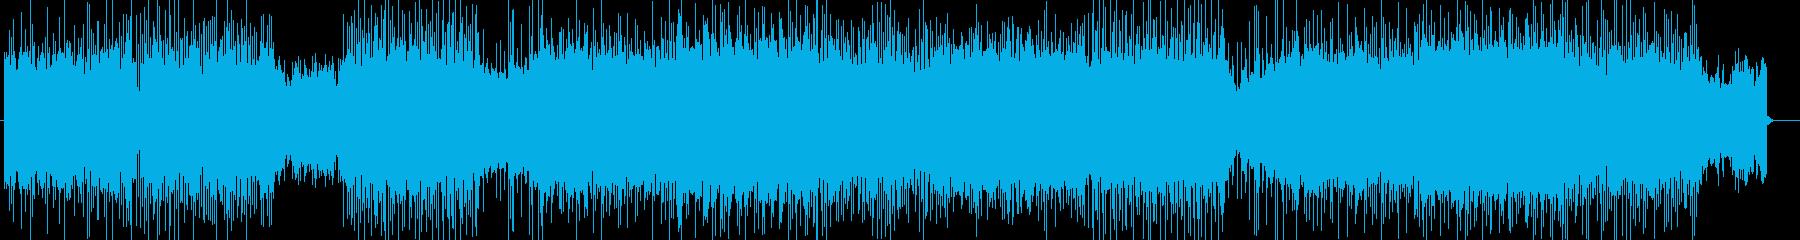 DEATH METAL 勢 BGM152の再生済みの波形